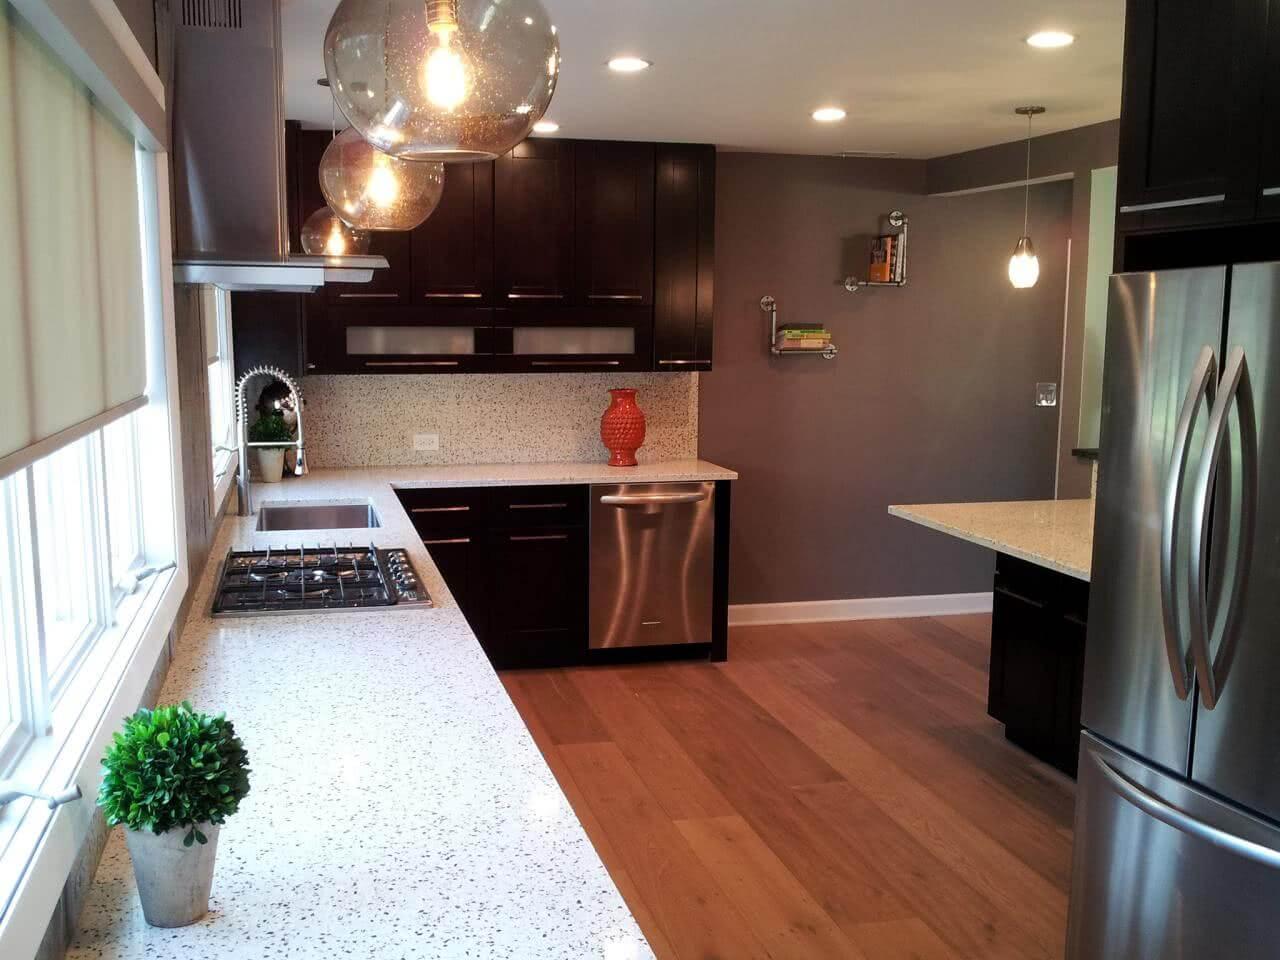 Cozinha preta com cores de granito branca